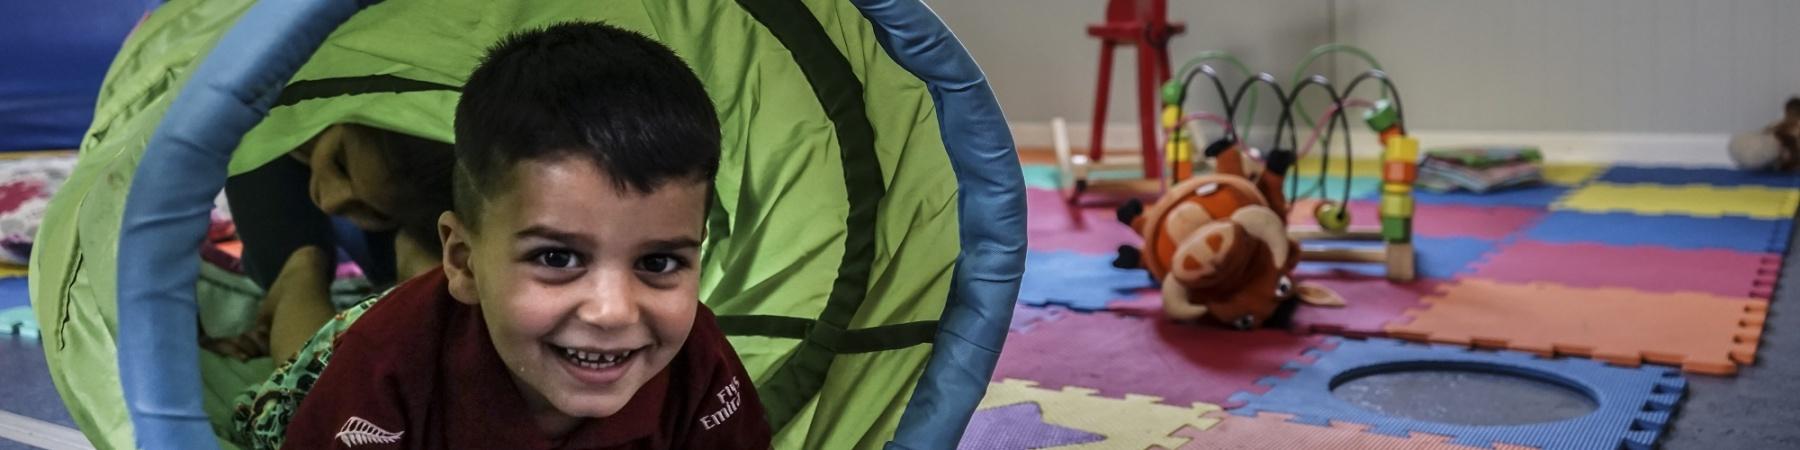 Bimbo gioca in un aula giochi passando attraverso un tunnel verde